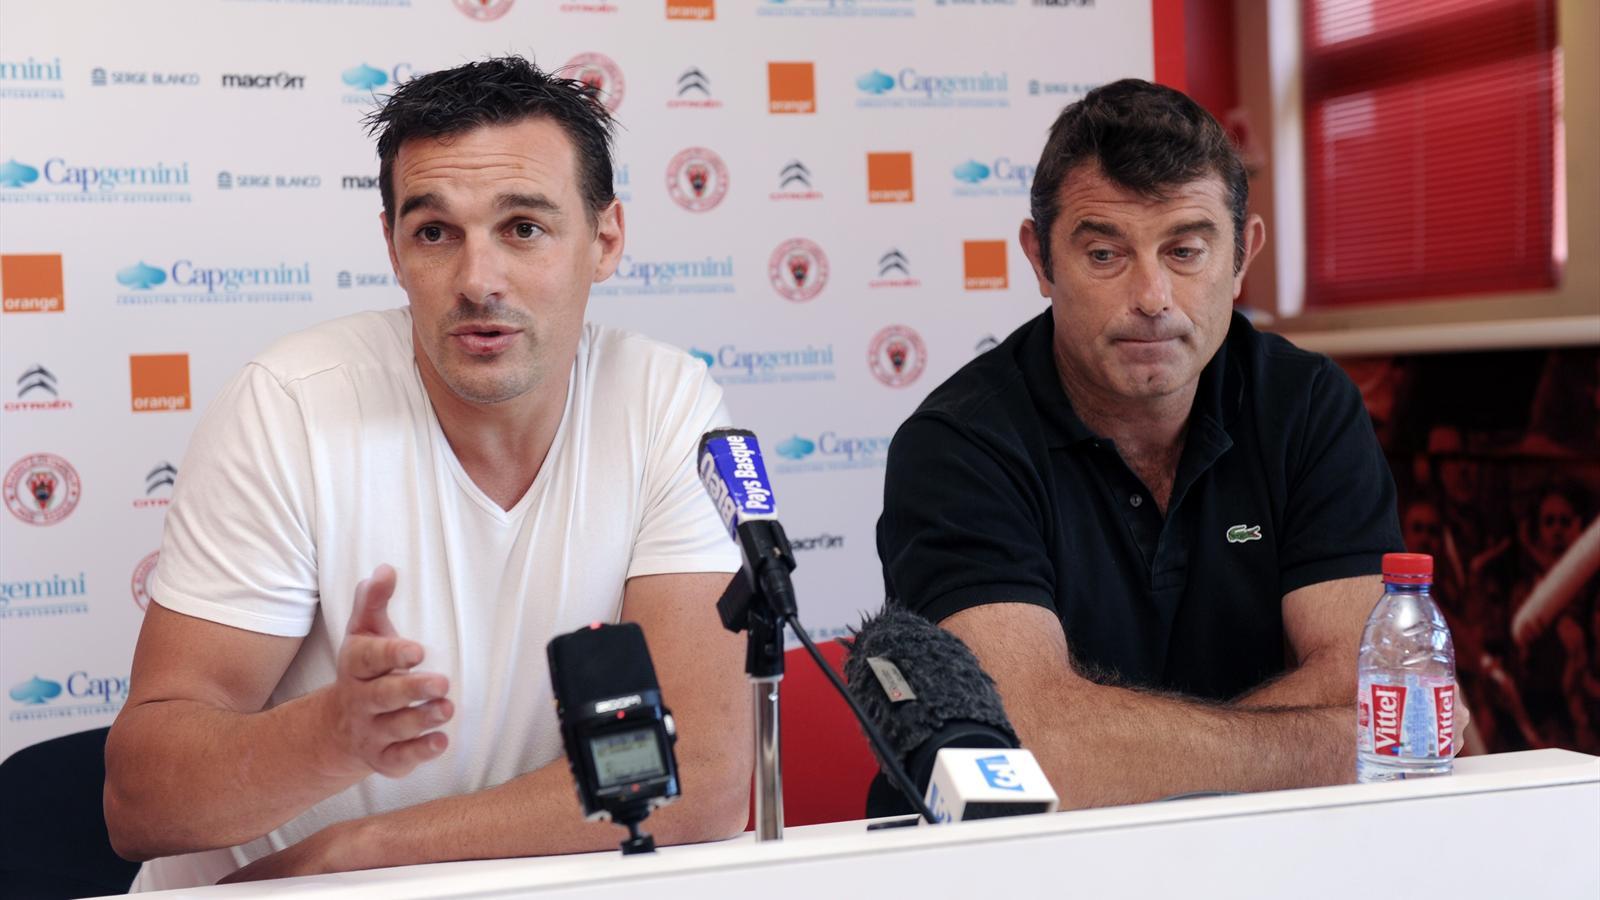 Nicolas Brusque et David Darricarrère (Biarritz) - 18 septembre 2015